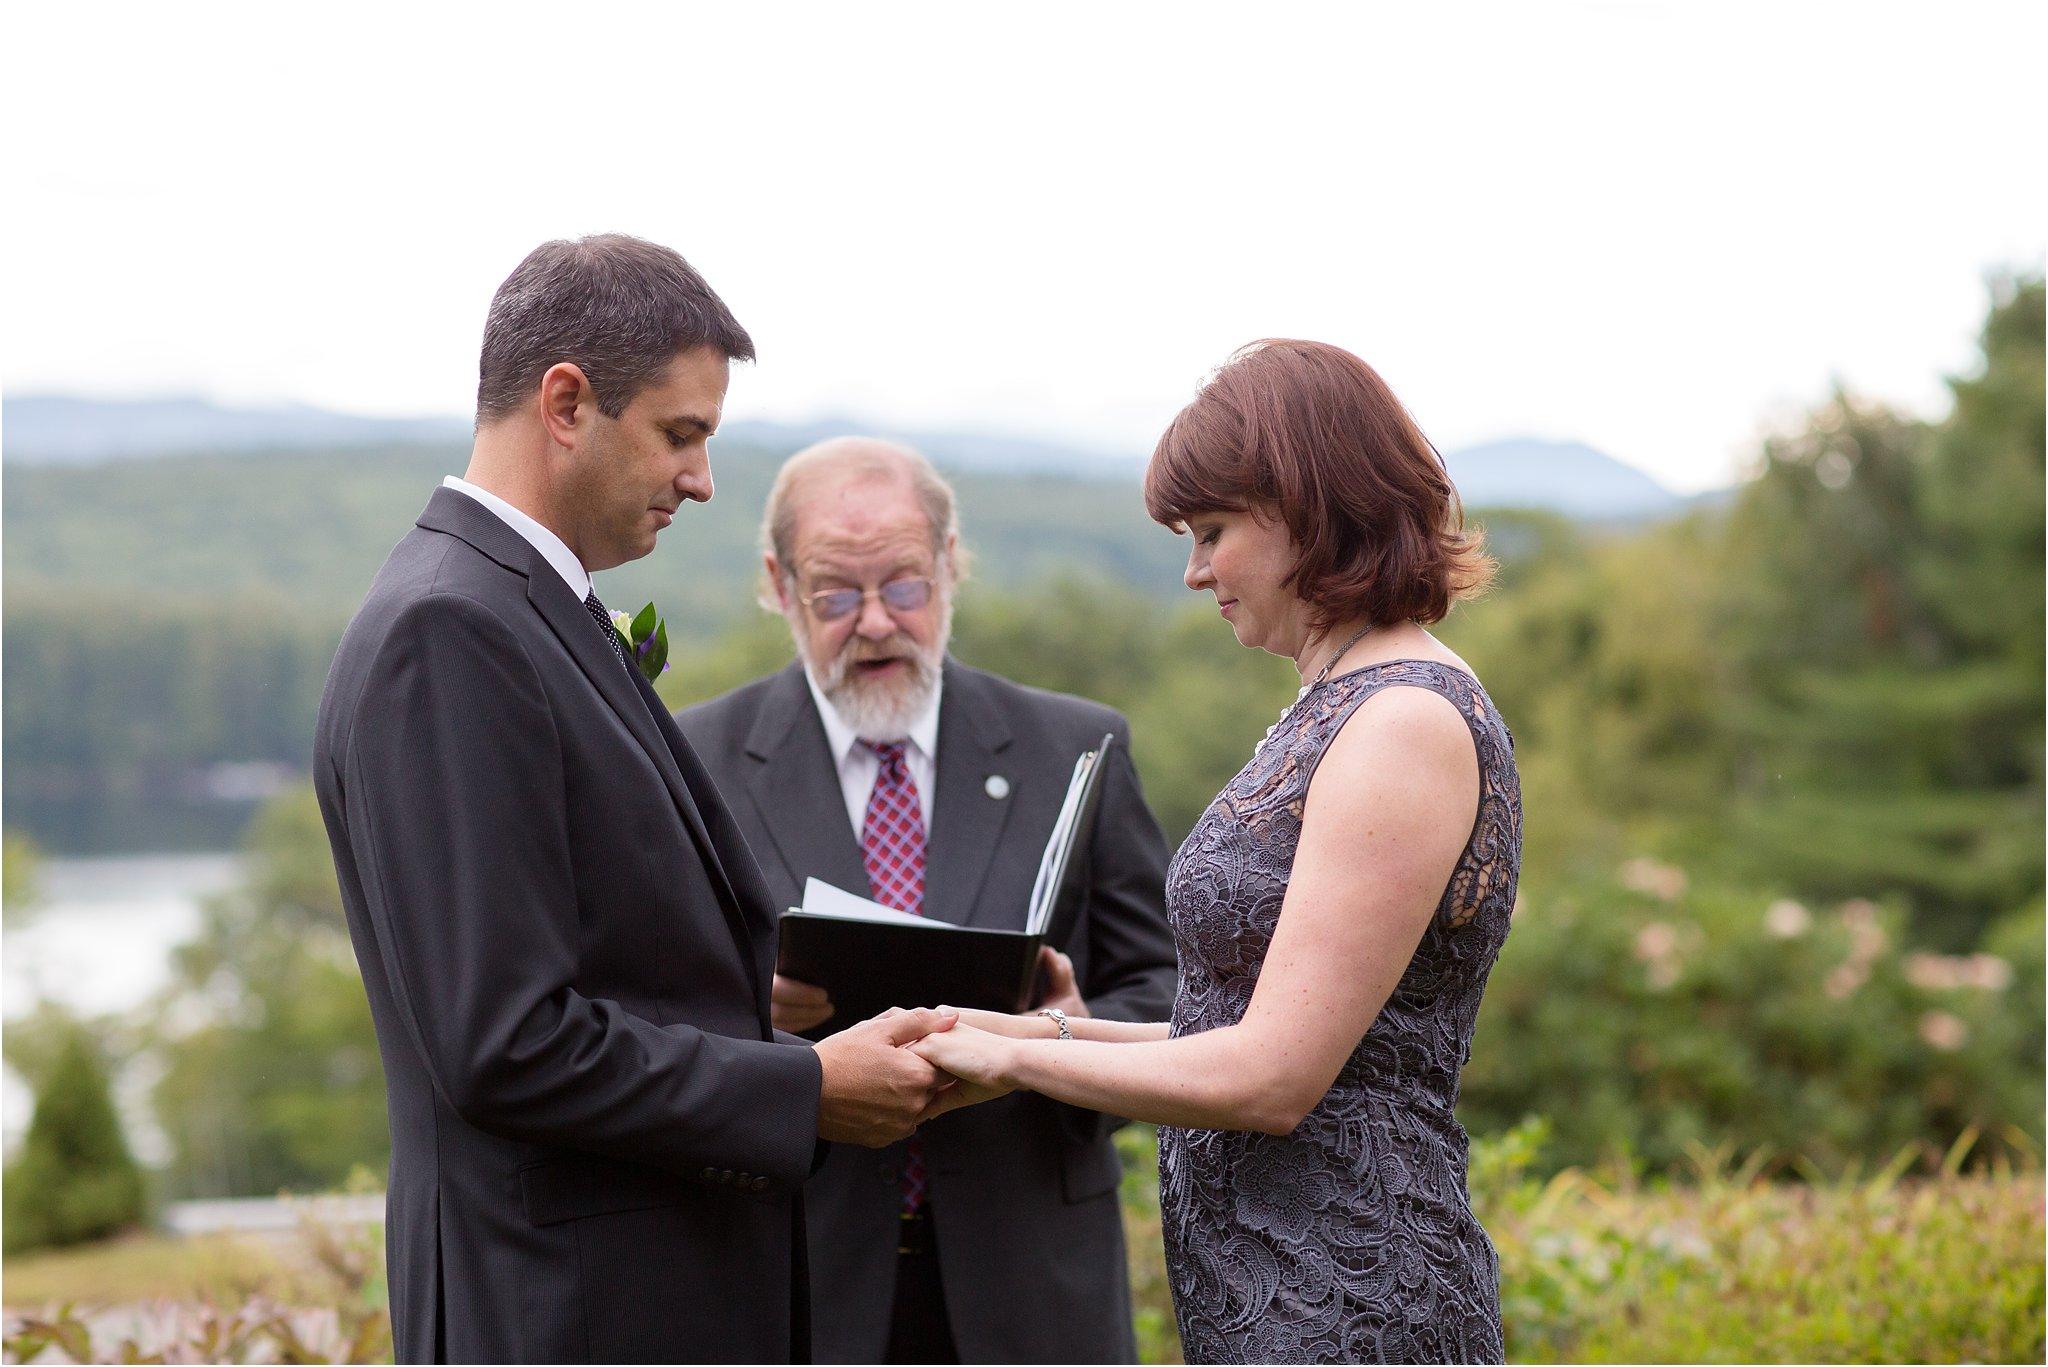 elopement ceremony